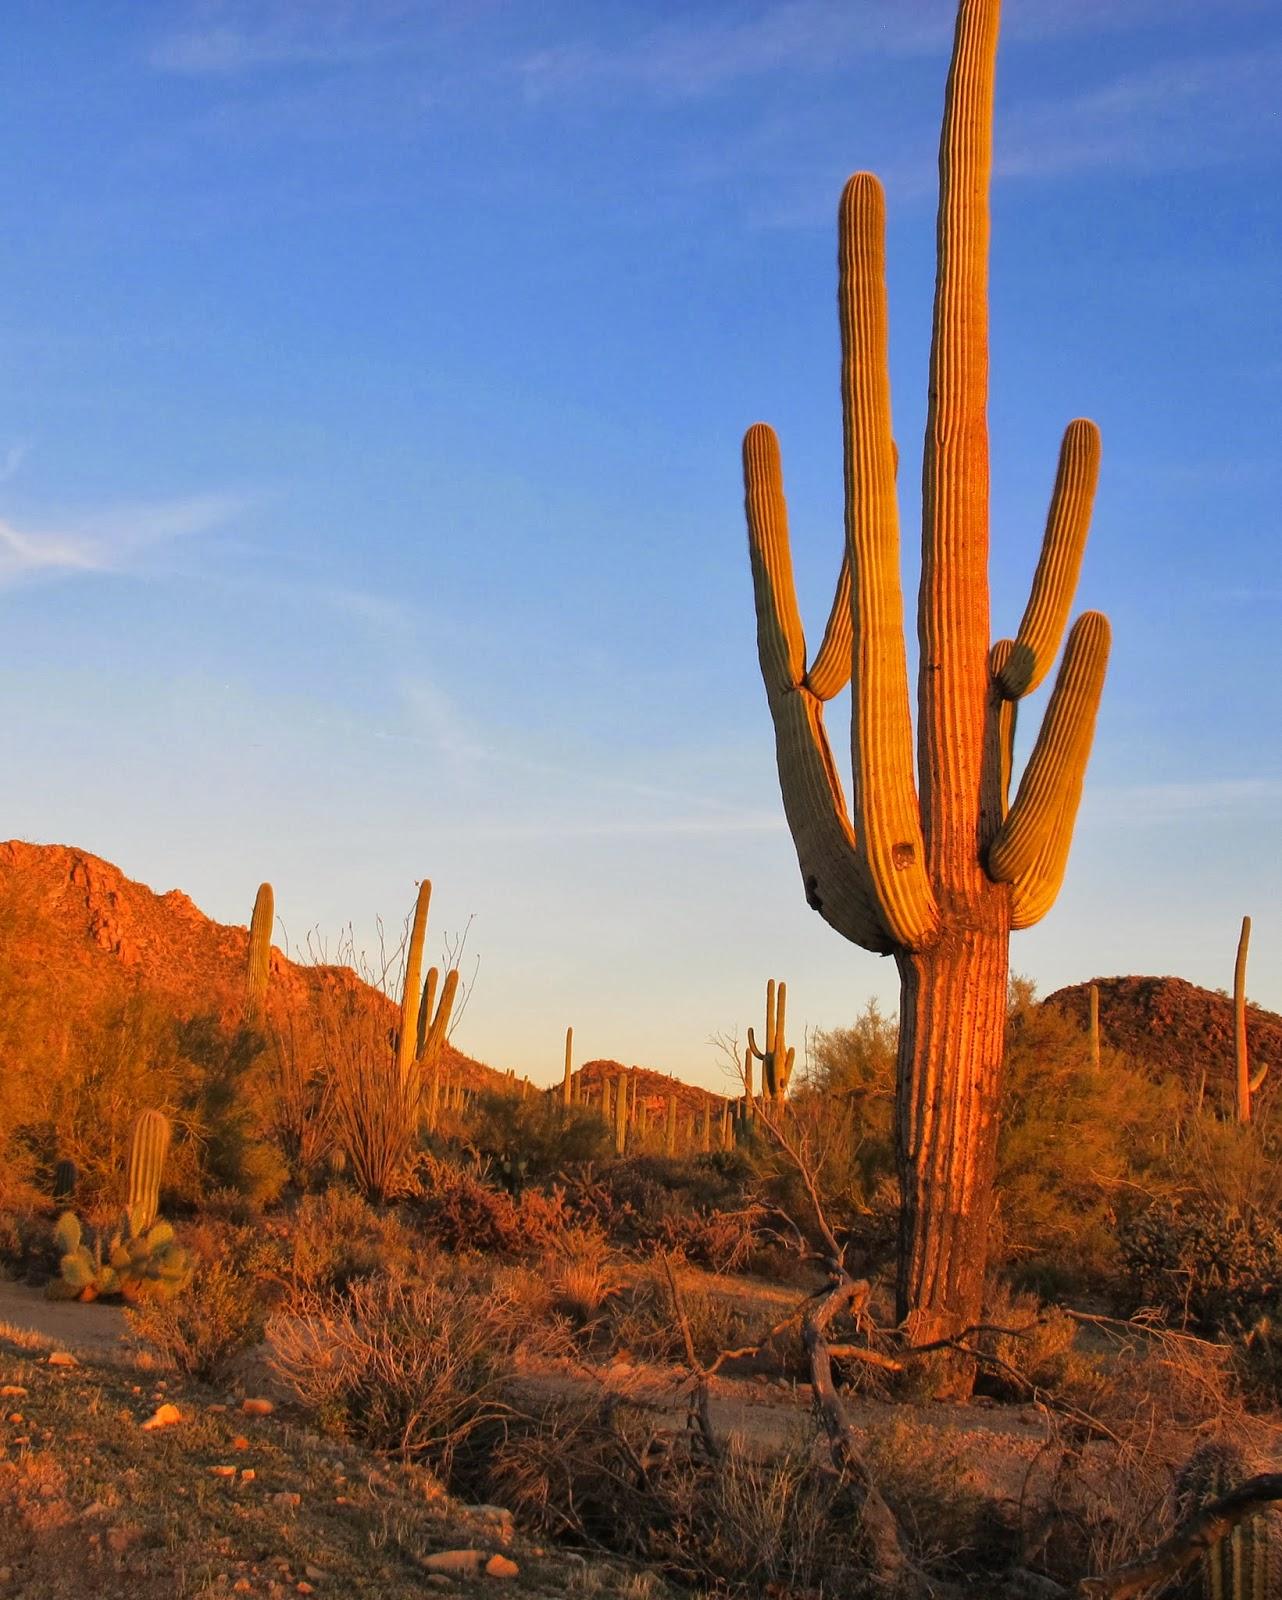 Saguaros Stand Tall In National Park In Arizona Dan330